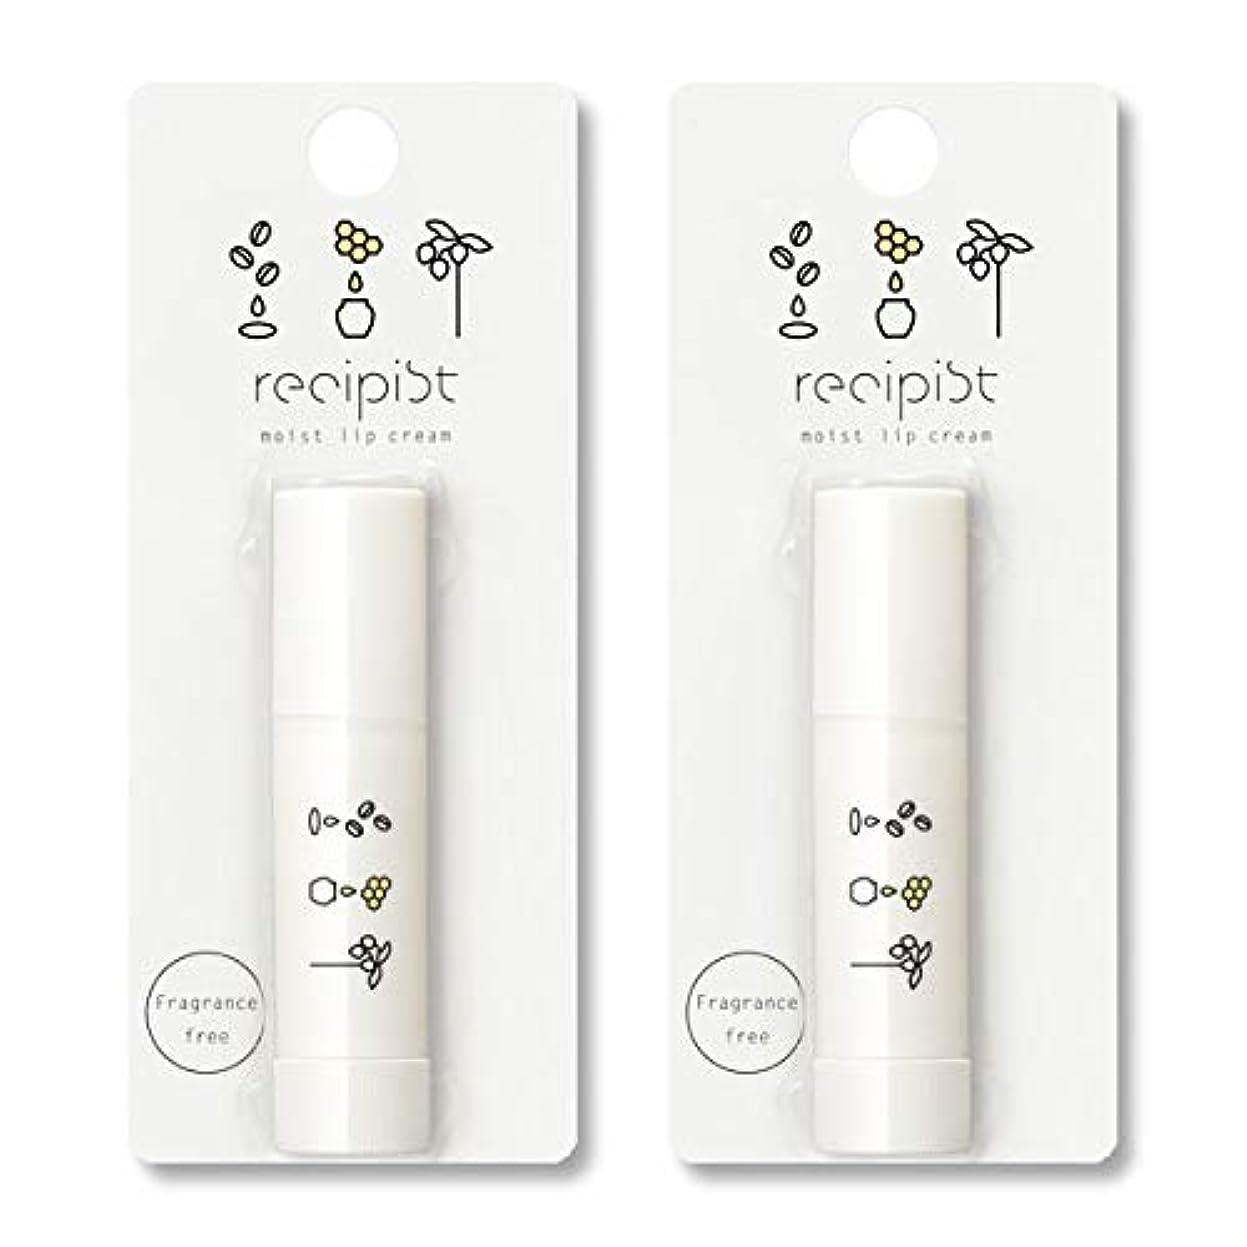 鋸歯状ピケ知覚するレシピスト うるおいとどめるリップクリーム (選べる香り/無香料) 3.5g×2個セット